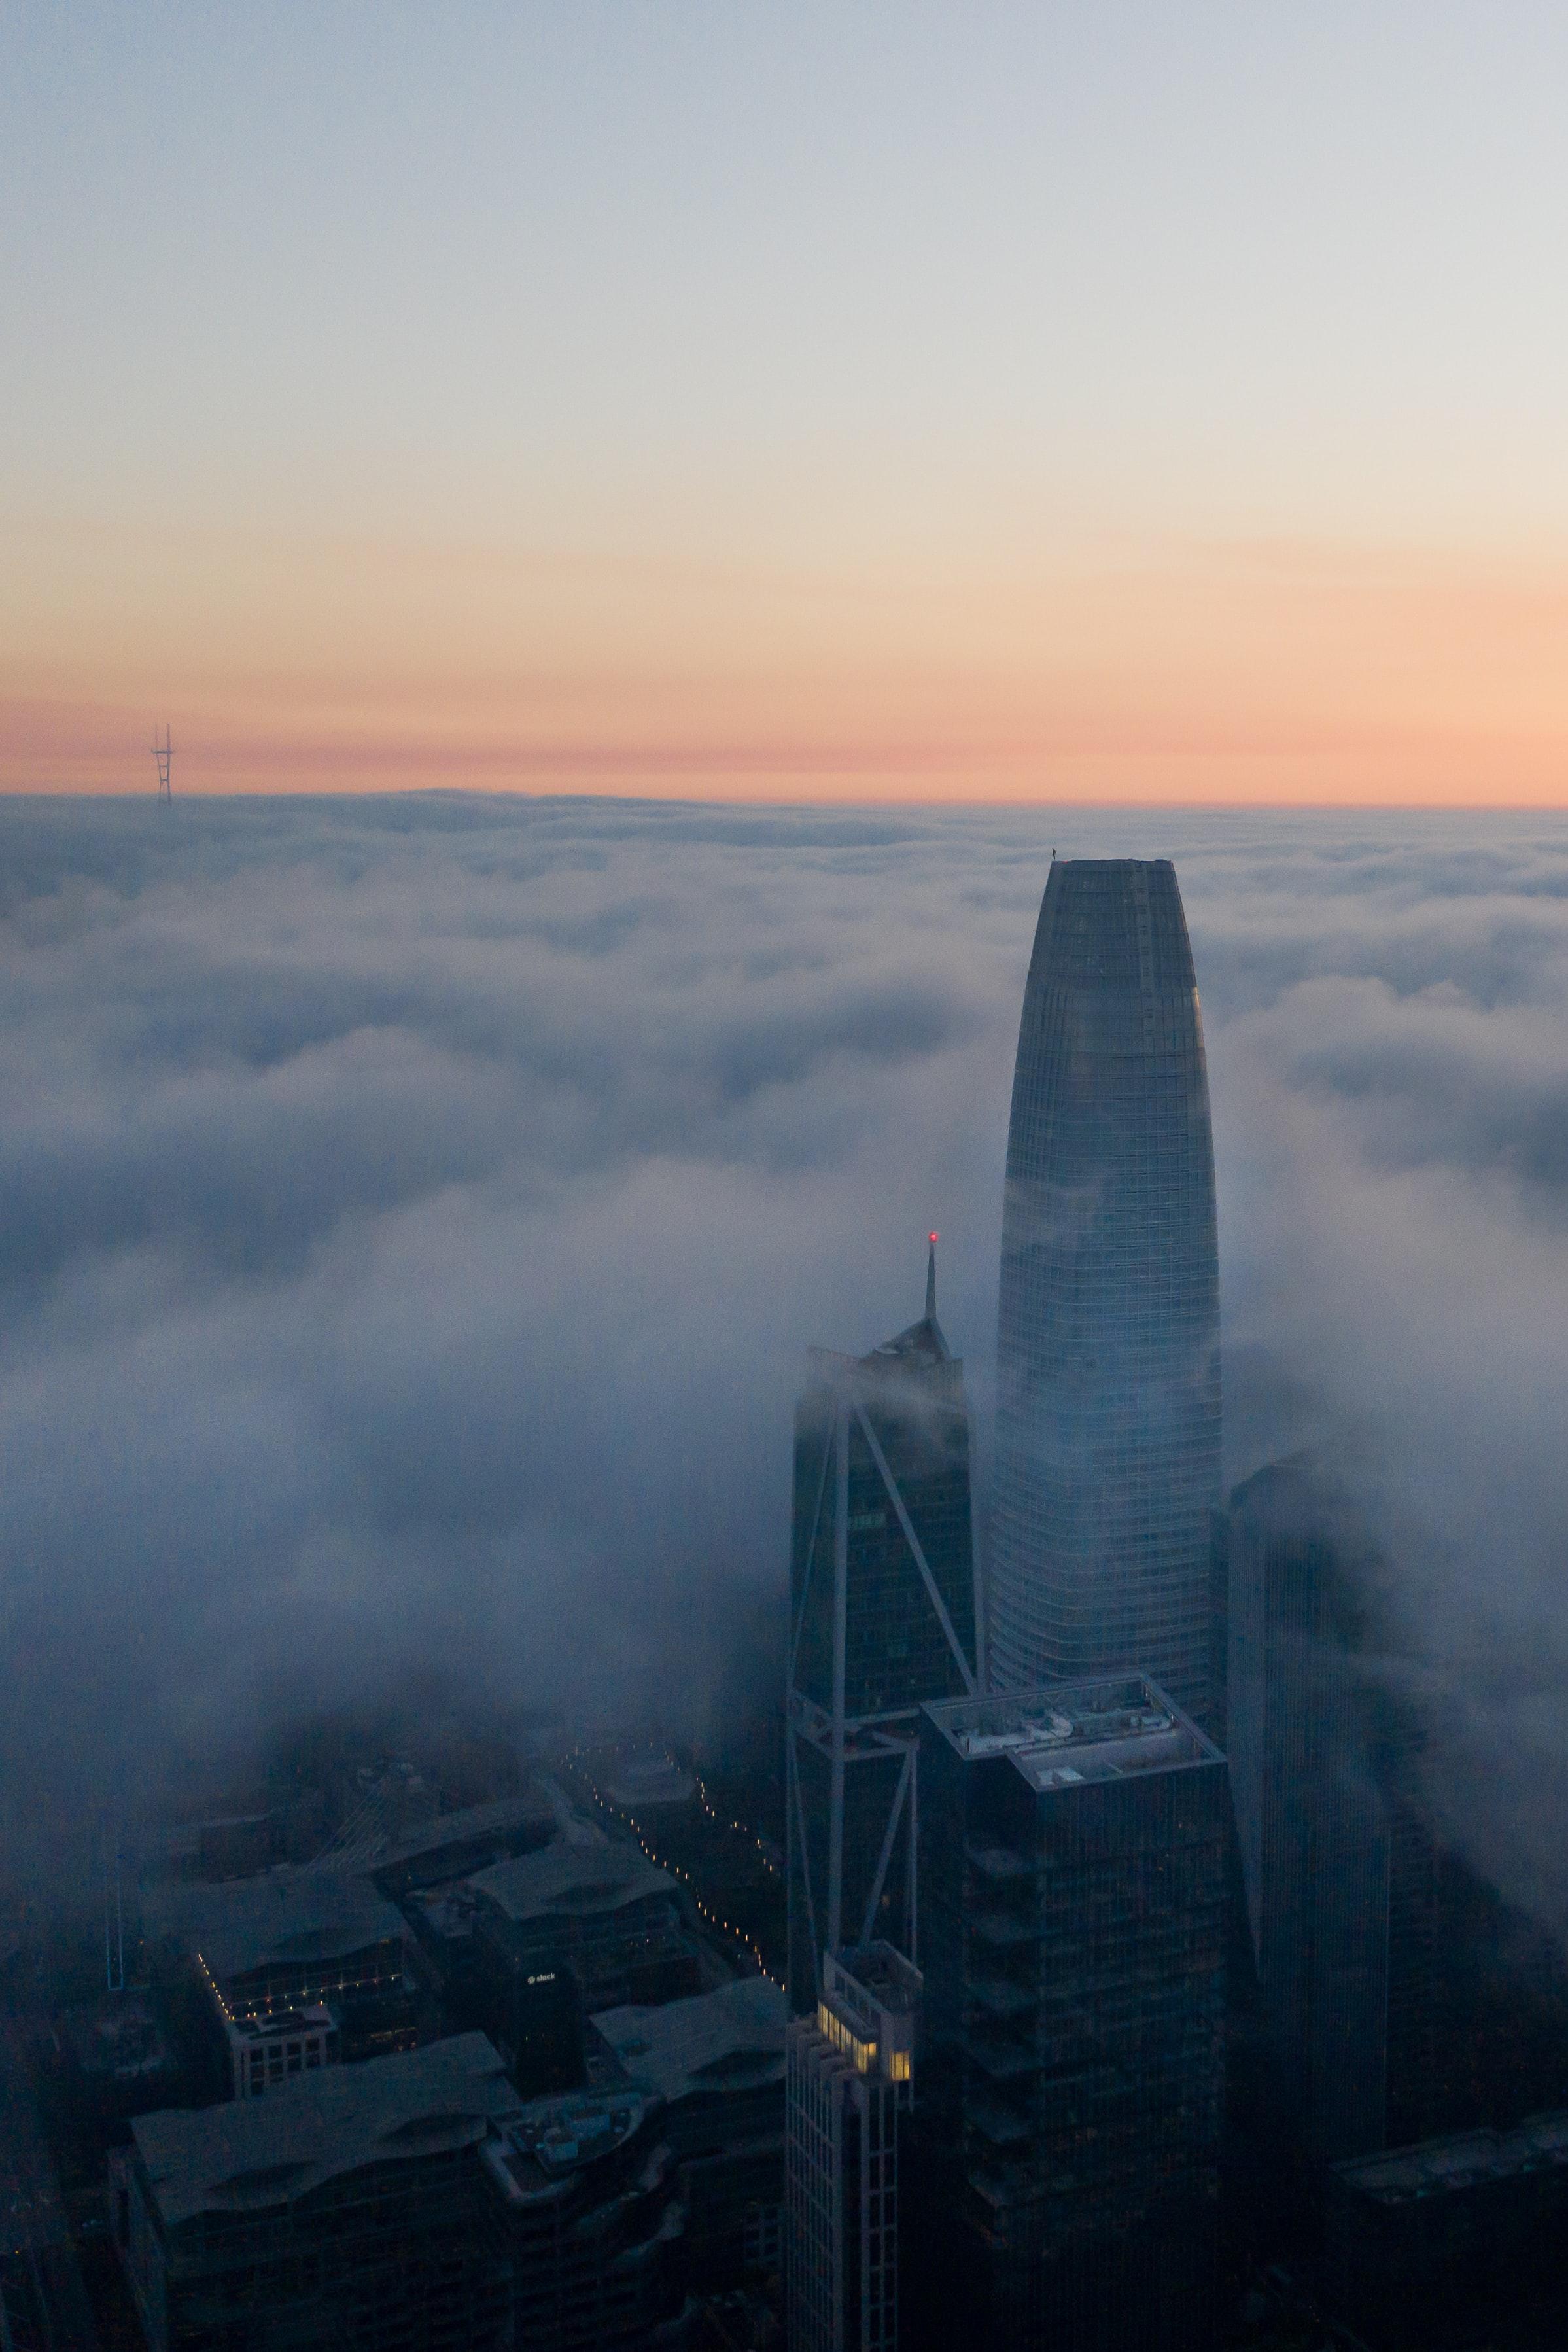 139549壁紙のダウンロード超高層ビル, 建物, 雲, 霧, 市, 都市-スクリーンセーバーと写真を無料で